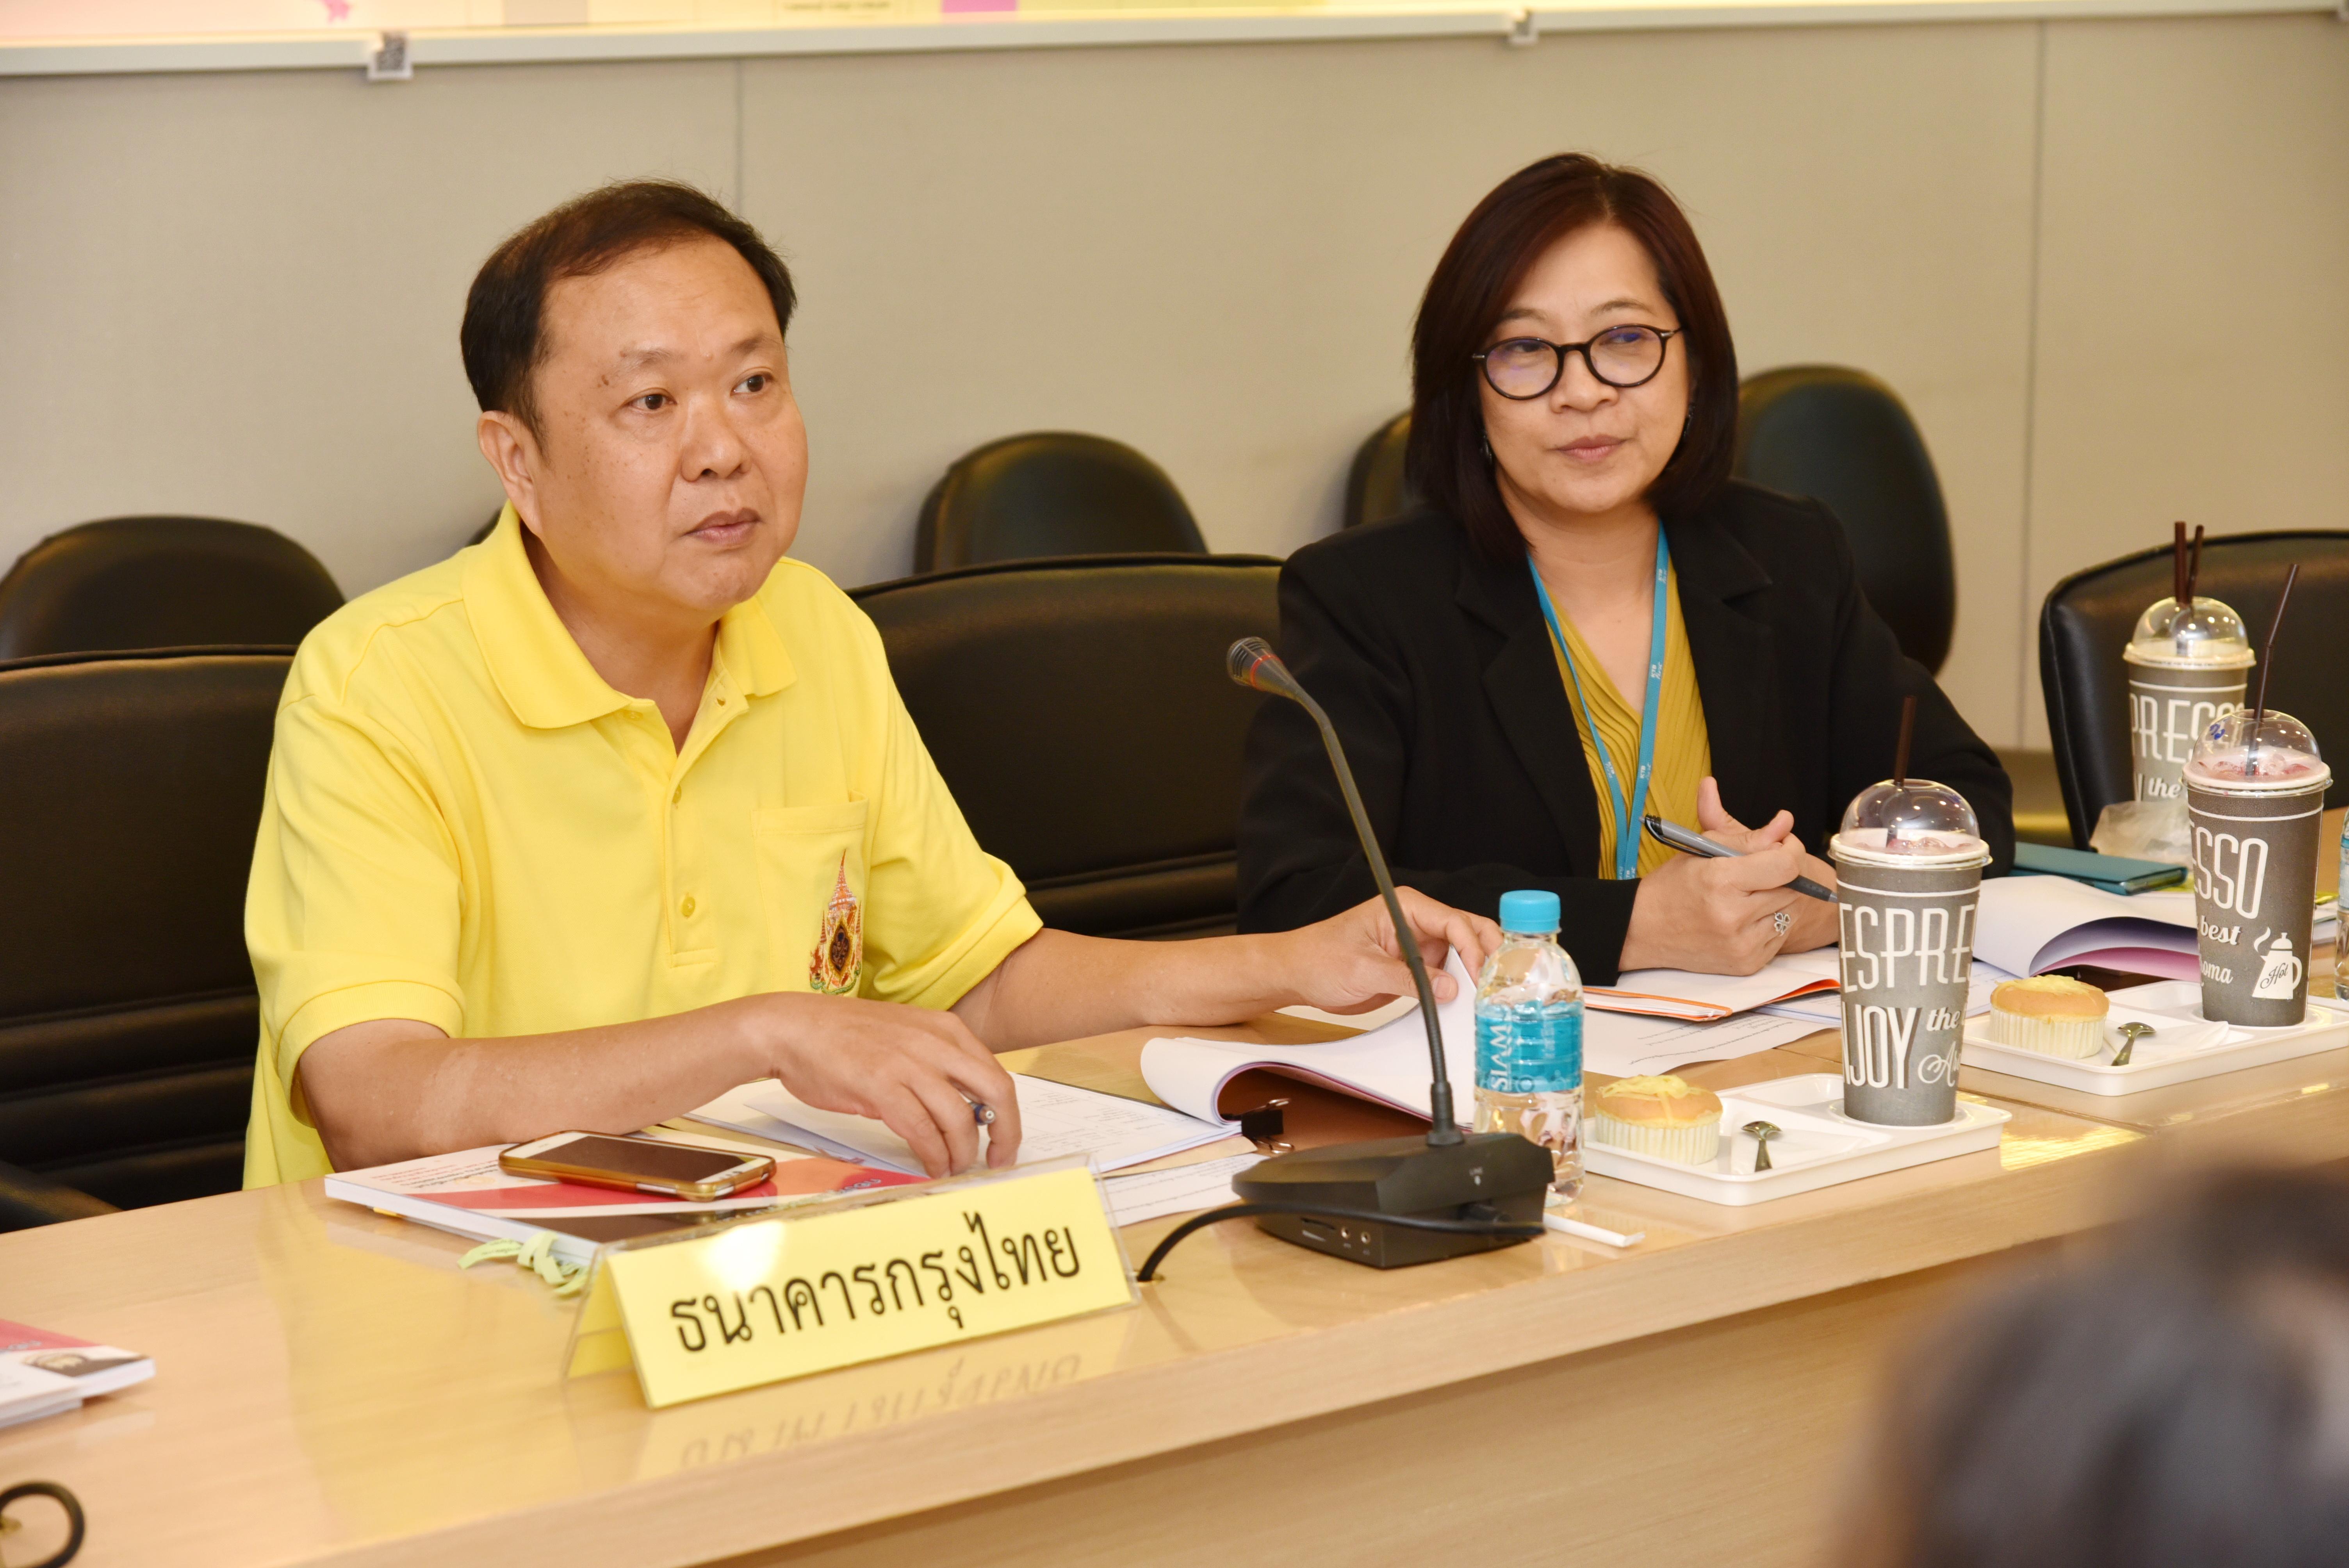 กรมการจัดหางาน ประชุมคณะอนุกรรมการพิจารณากลั่นกรองคำร้องขอกู้ยืมเงินกองทุนเพื่อผู้รับงานไปทำที่บ้าน ครั้งที่ 5/2562